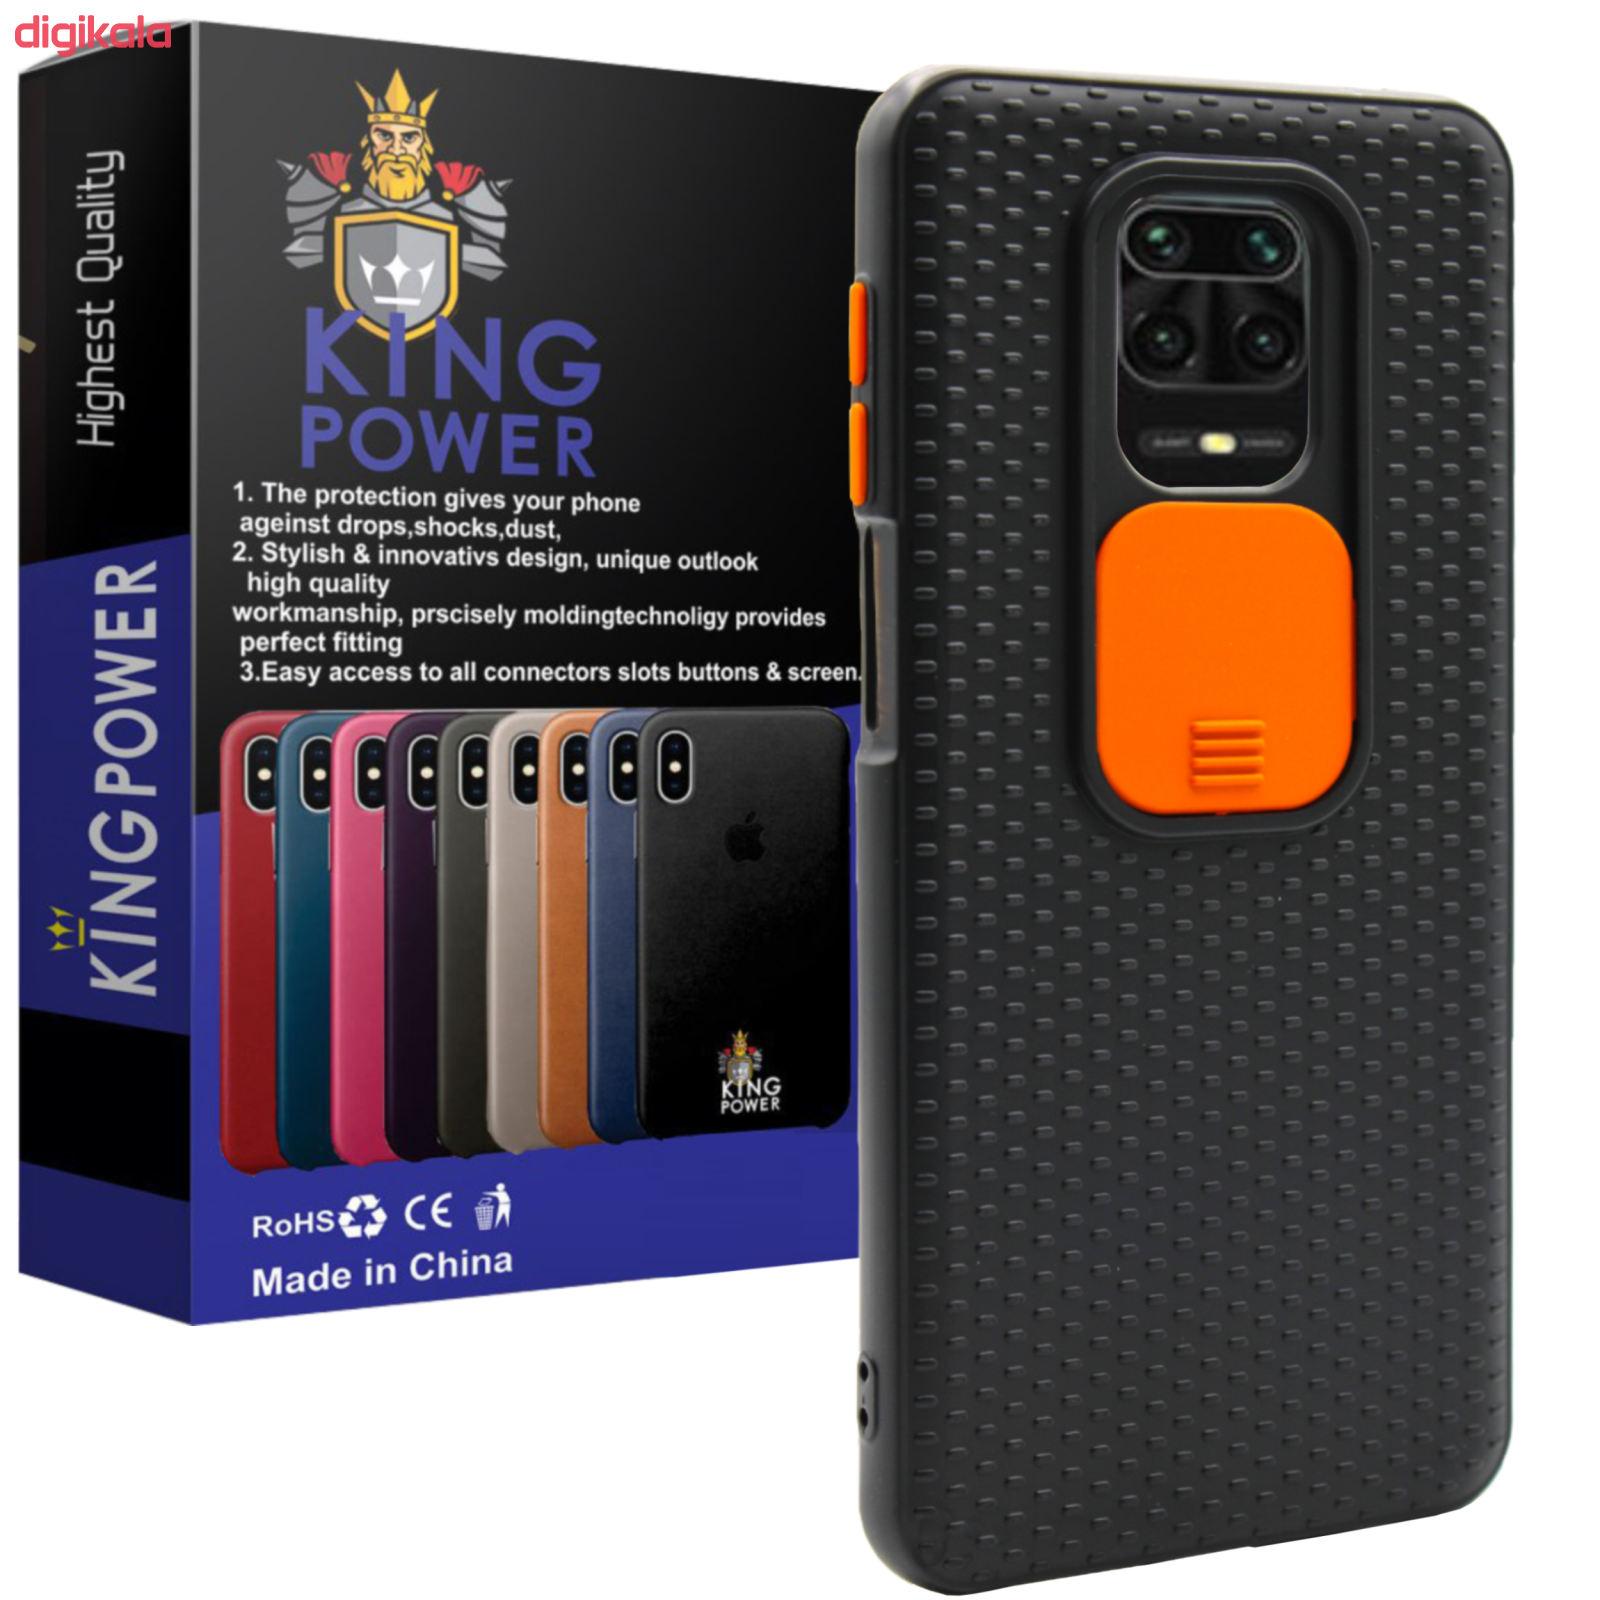 کاور کینگ پاور مدل X21 مناسب برای گوشی موبایل شیائومی Redmi Note 9S / Note 9 Pro / Note 9 Pro Max main 1 2